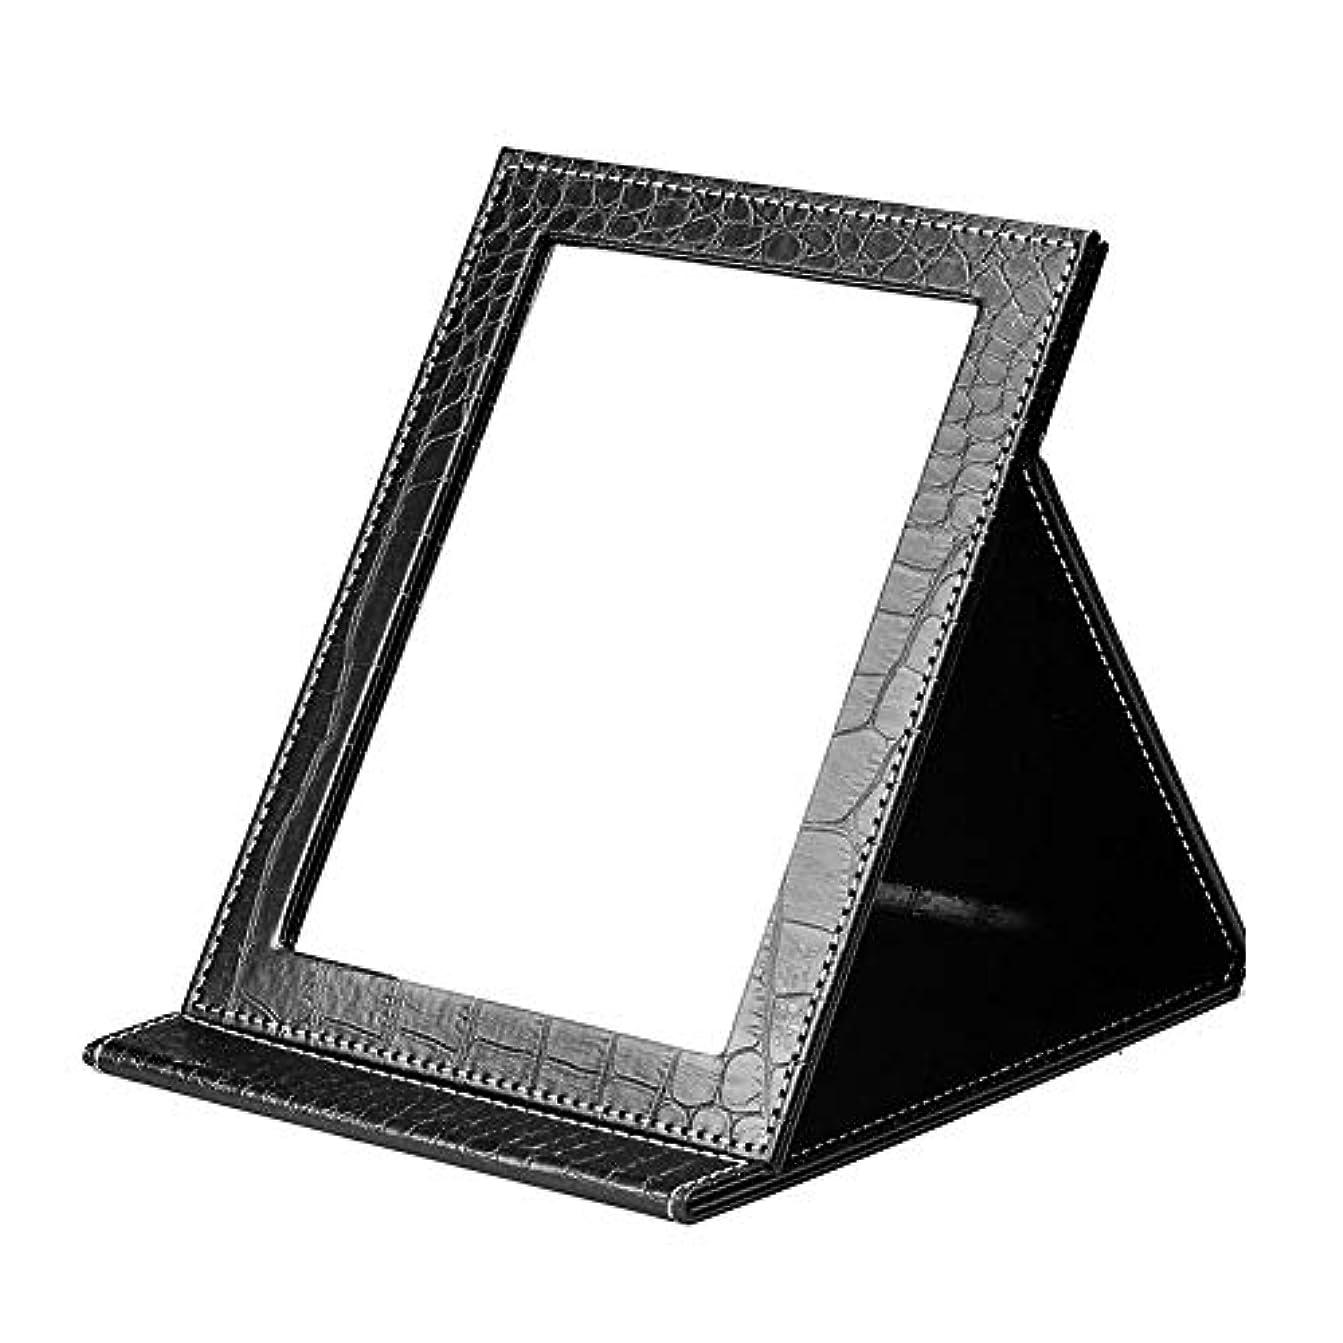 同意講義震えYWSHF 化粧鏡 卓上 折りたたみ式 角度調整可能 持ち運び便利 収納 旅行 女優 スタンドミラー